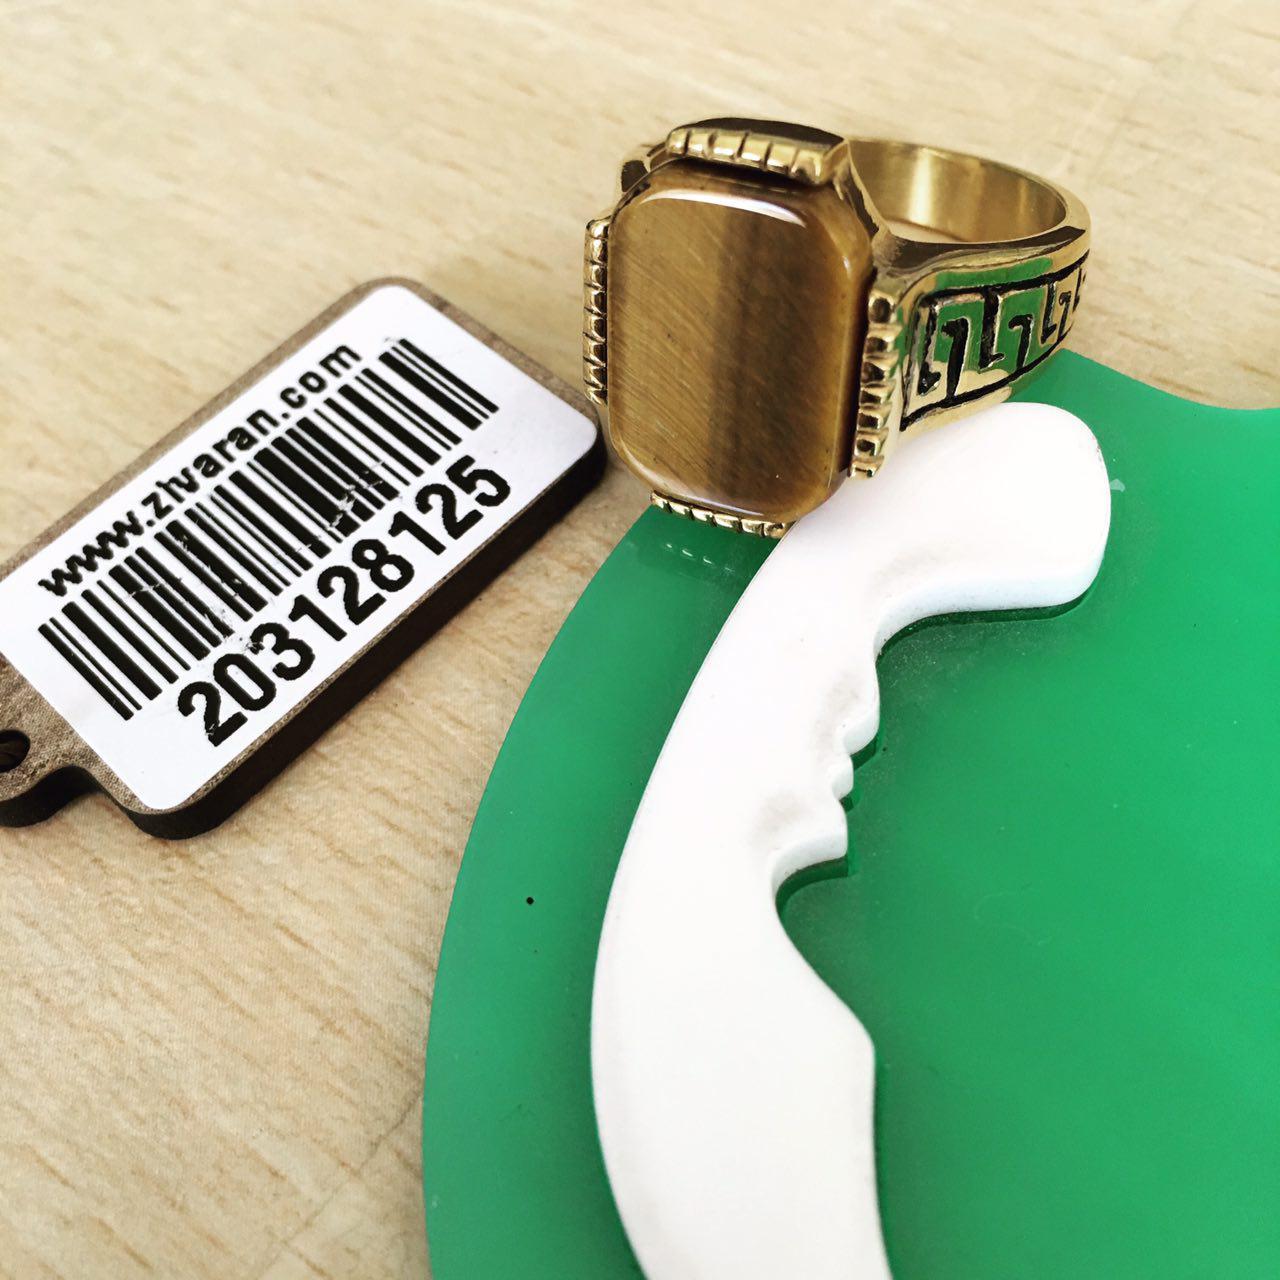 فروش عمده بدلیجات به قیمت ارزان:<br/>فروش عمده بدلیجات چرا از بازارسلطانی؟واسطه نیسیتم در نتیجه فقط یک بار سود می دهید و خرید عمده بدلیجات را بسیار ارزان  buy-sell personal watches-jewelry